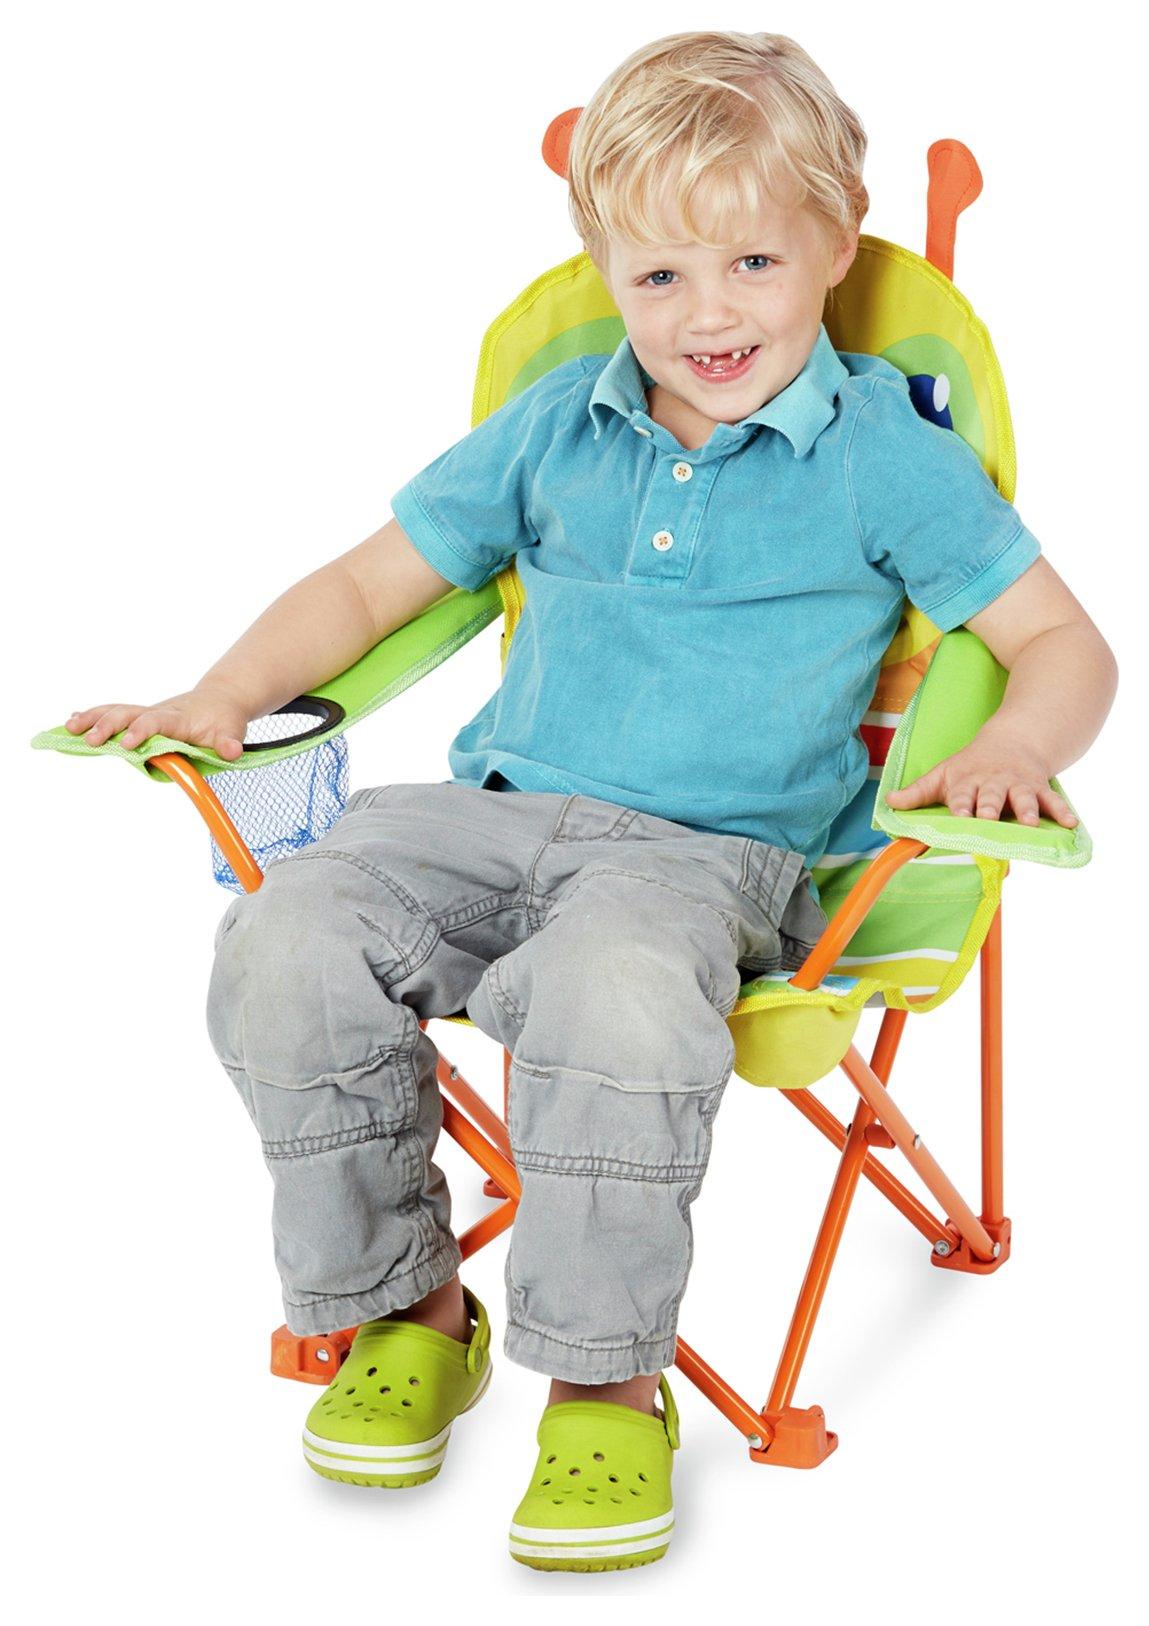 Image of Melissa and Doug Giddy Buggy - Chair